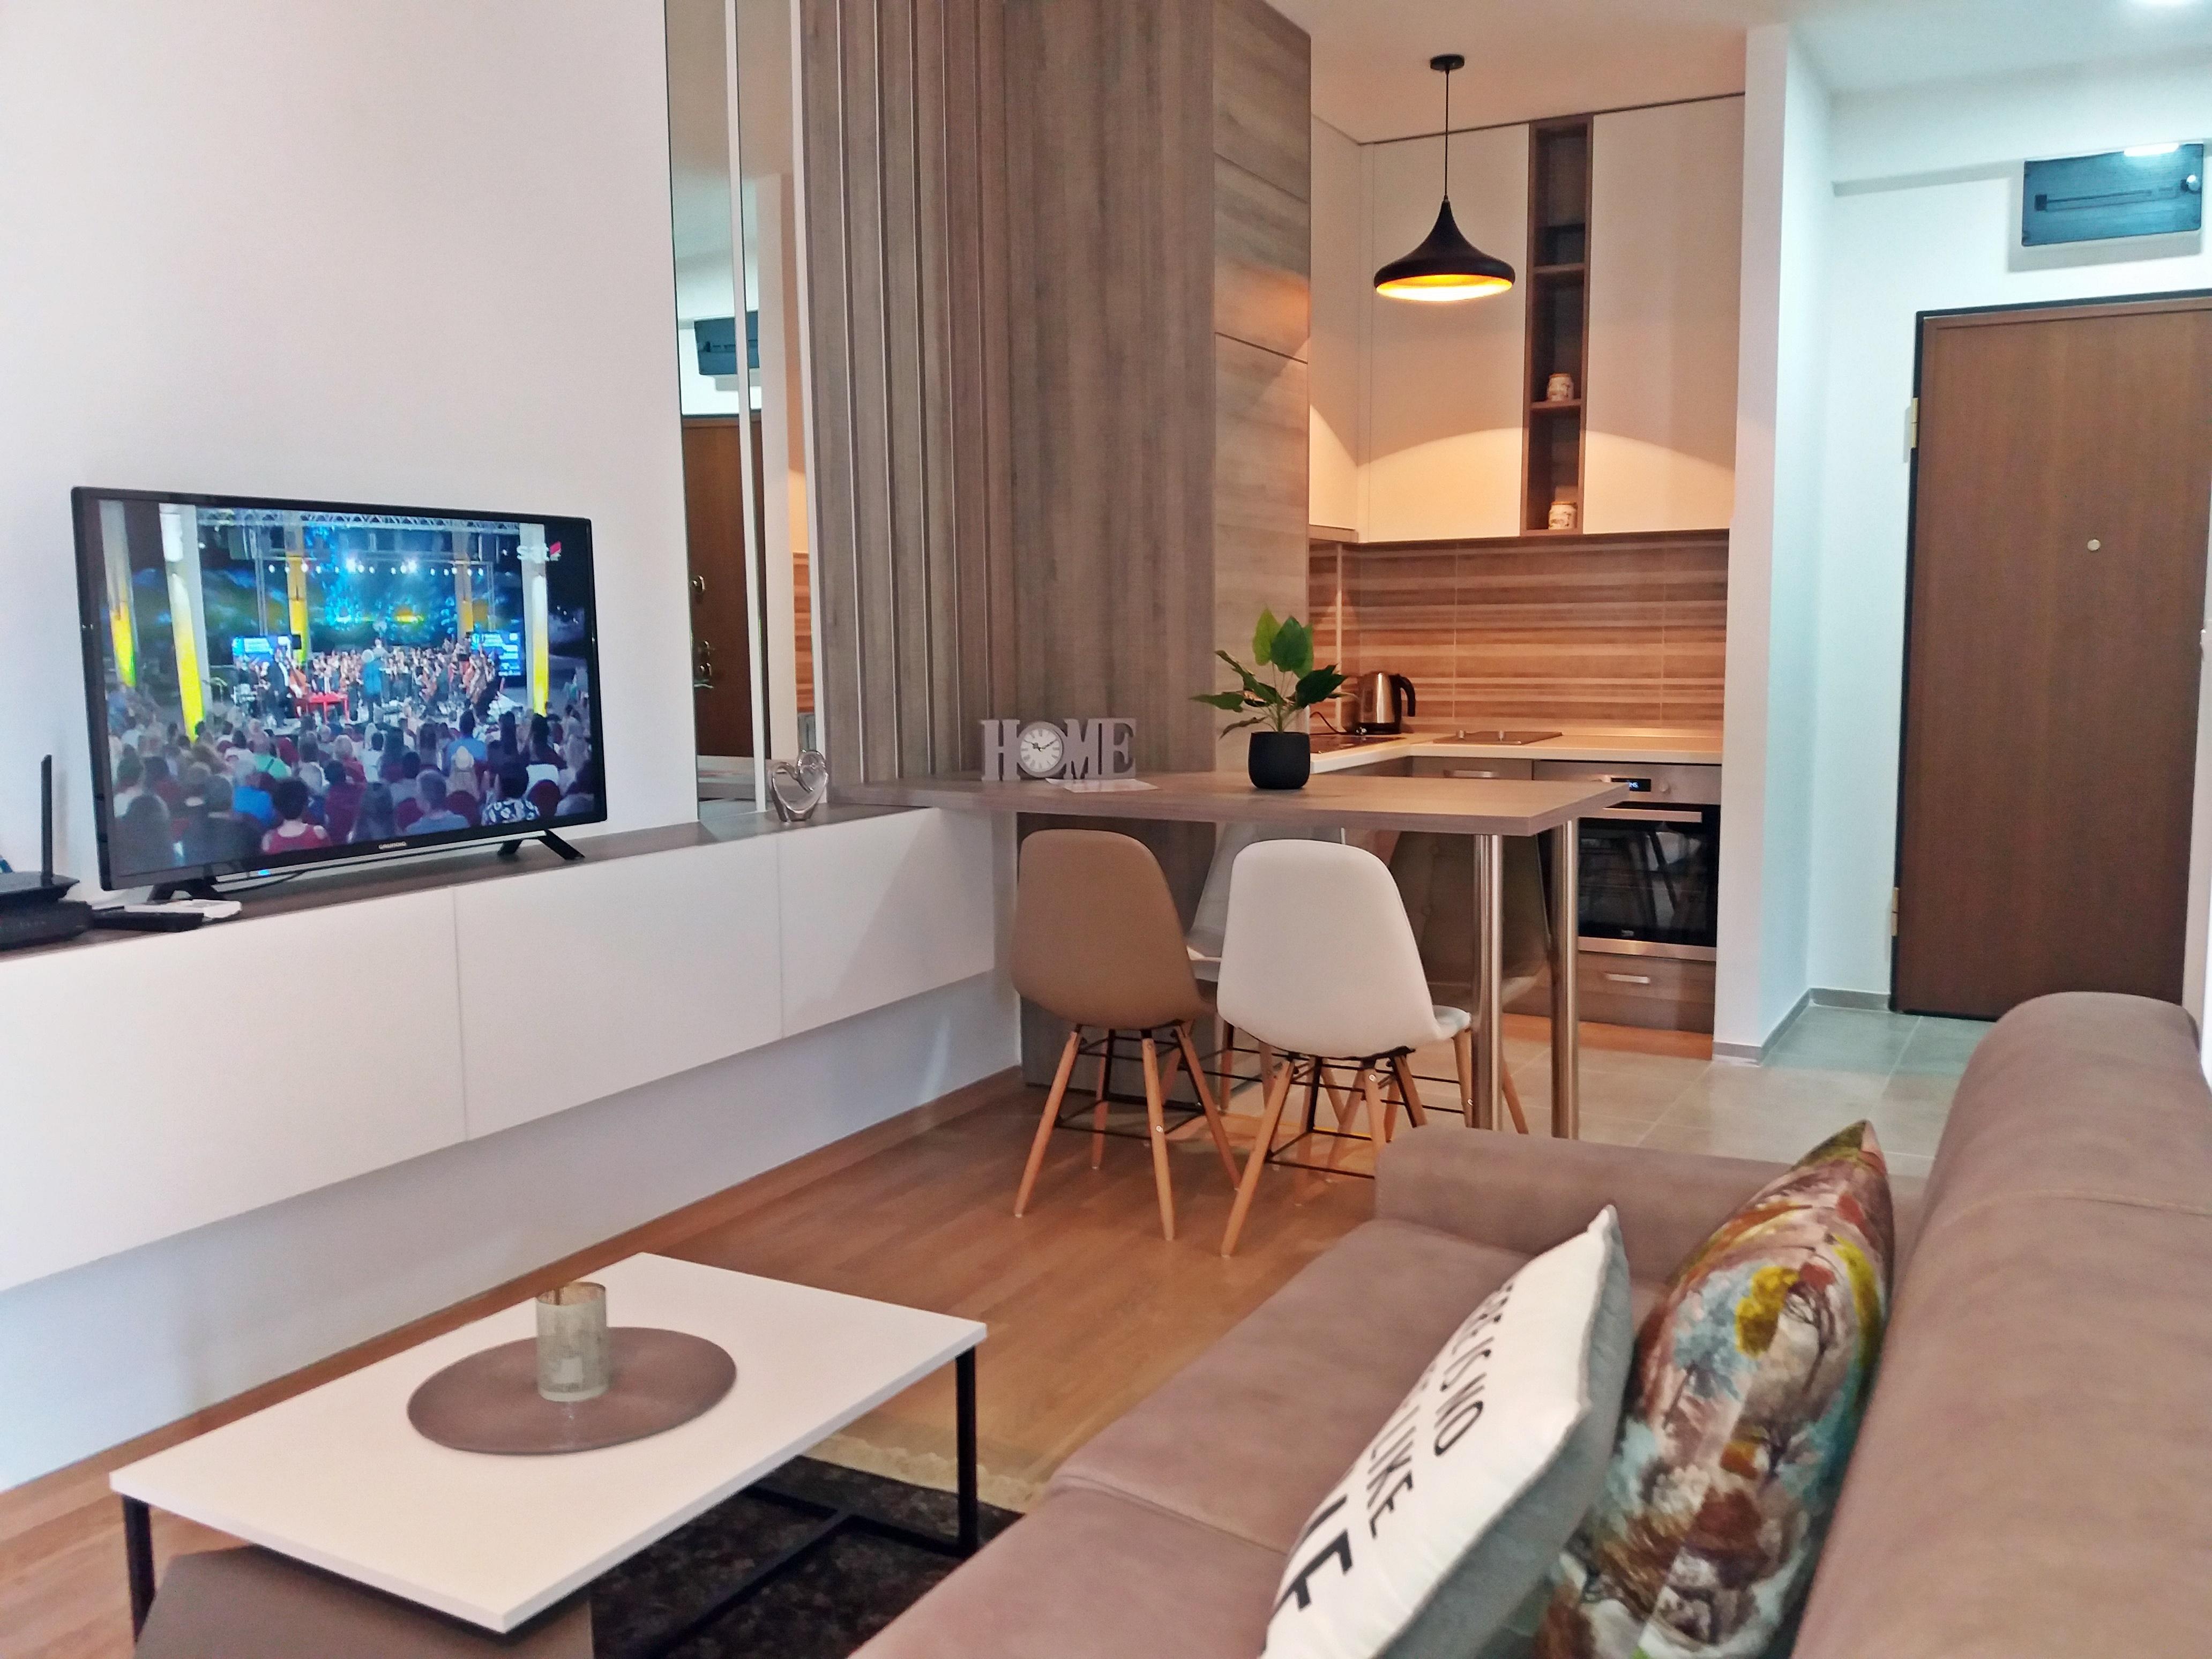 NewLine Montenegro - Luxury City one bedroom apartment C56 - Slika 1